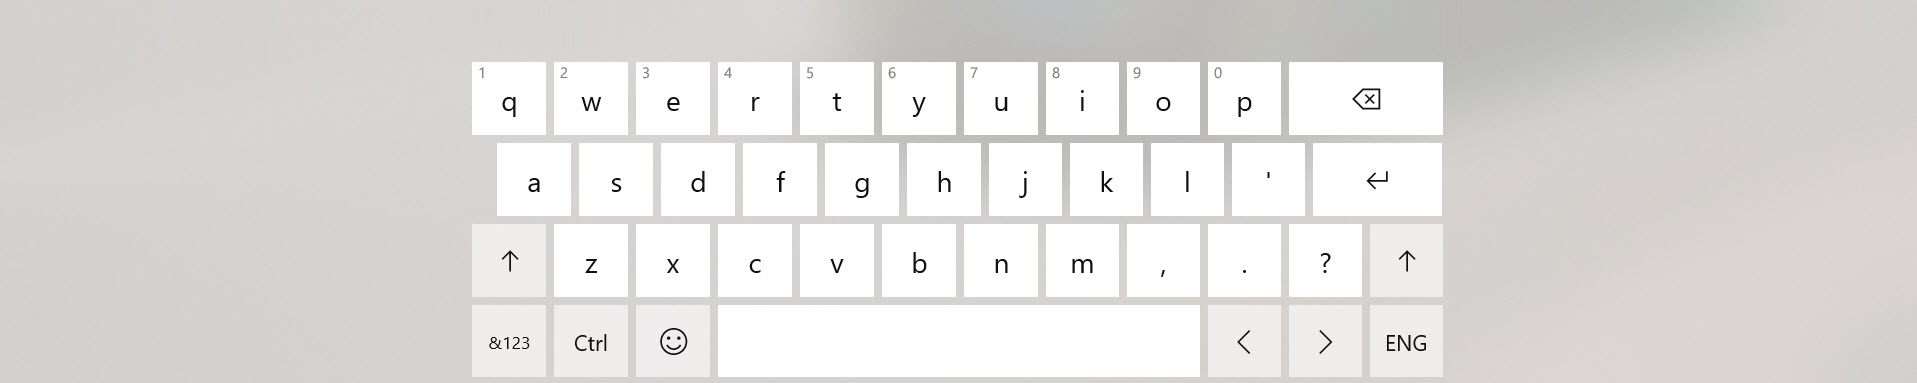 Cómo cambiar el idioma del teclado en Windows 10 1